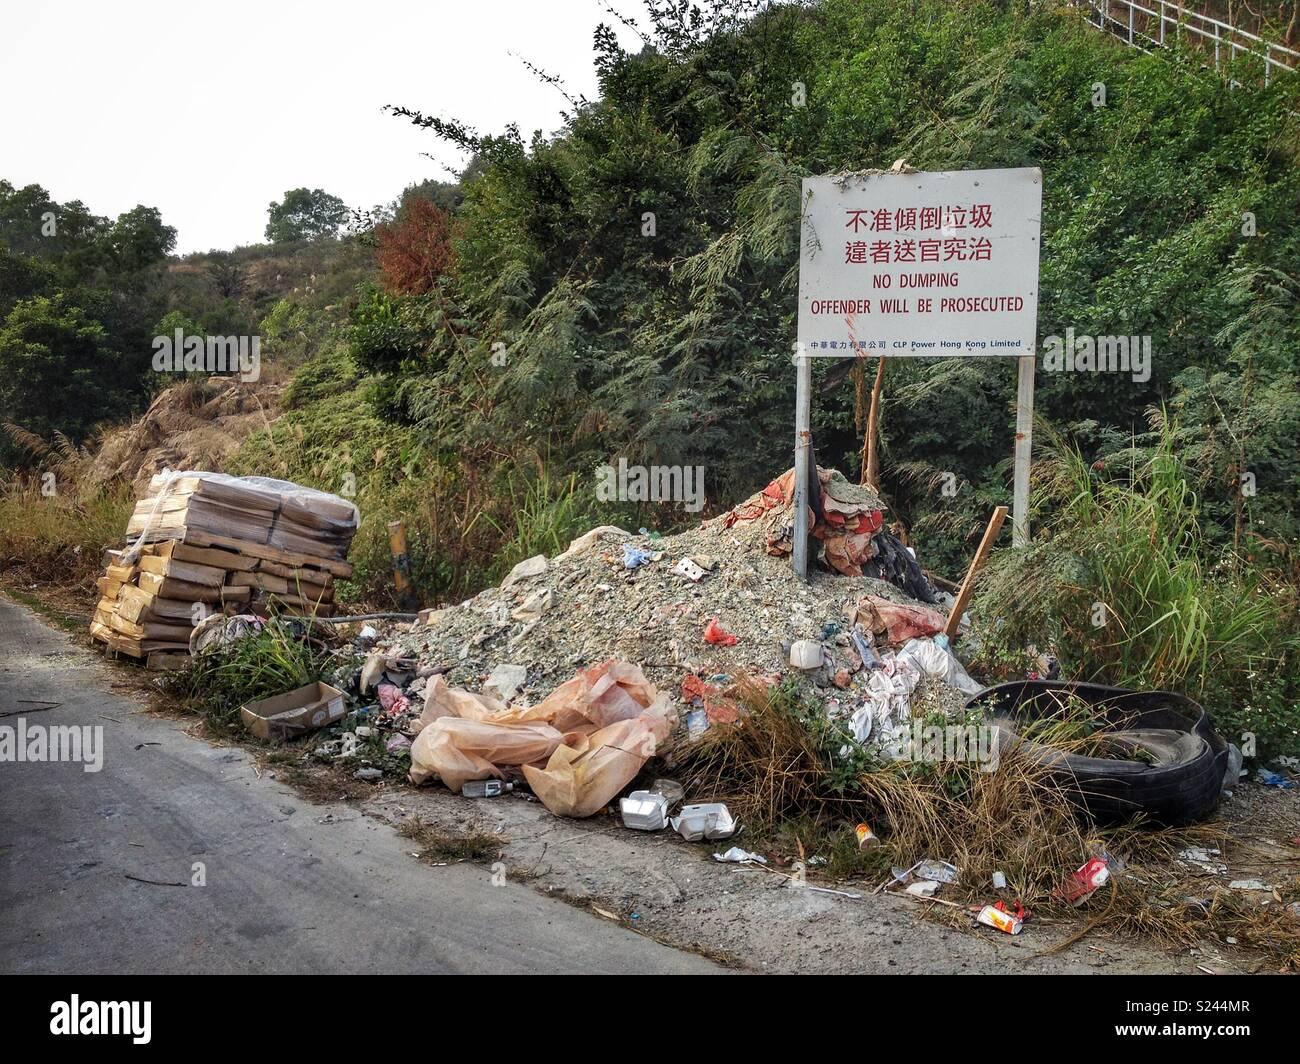 Zweisprachige' kein Dumping' Zeichen in chinesischer und englischer Sprache mit illegal entsorgt Bauschutt und eine Palette von faulendem Fisch, in der Nähe des West New Territories Deponie, Nim-Wan, Tuen Mun, Hong Kong Stockbild